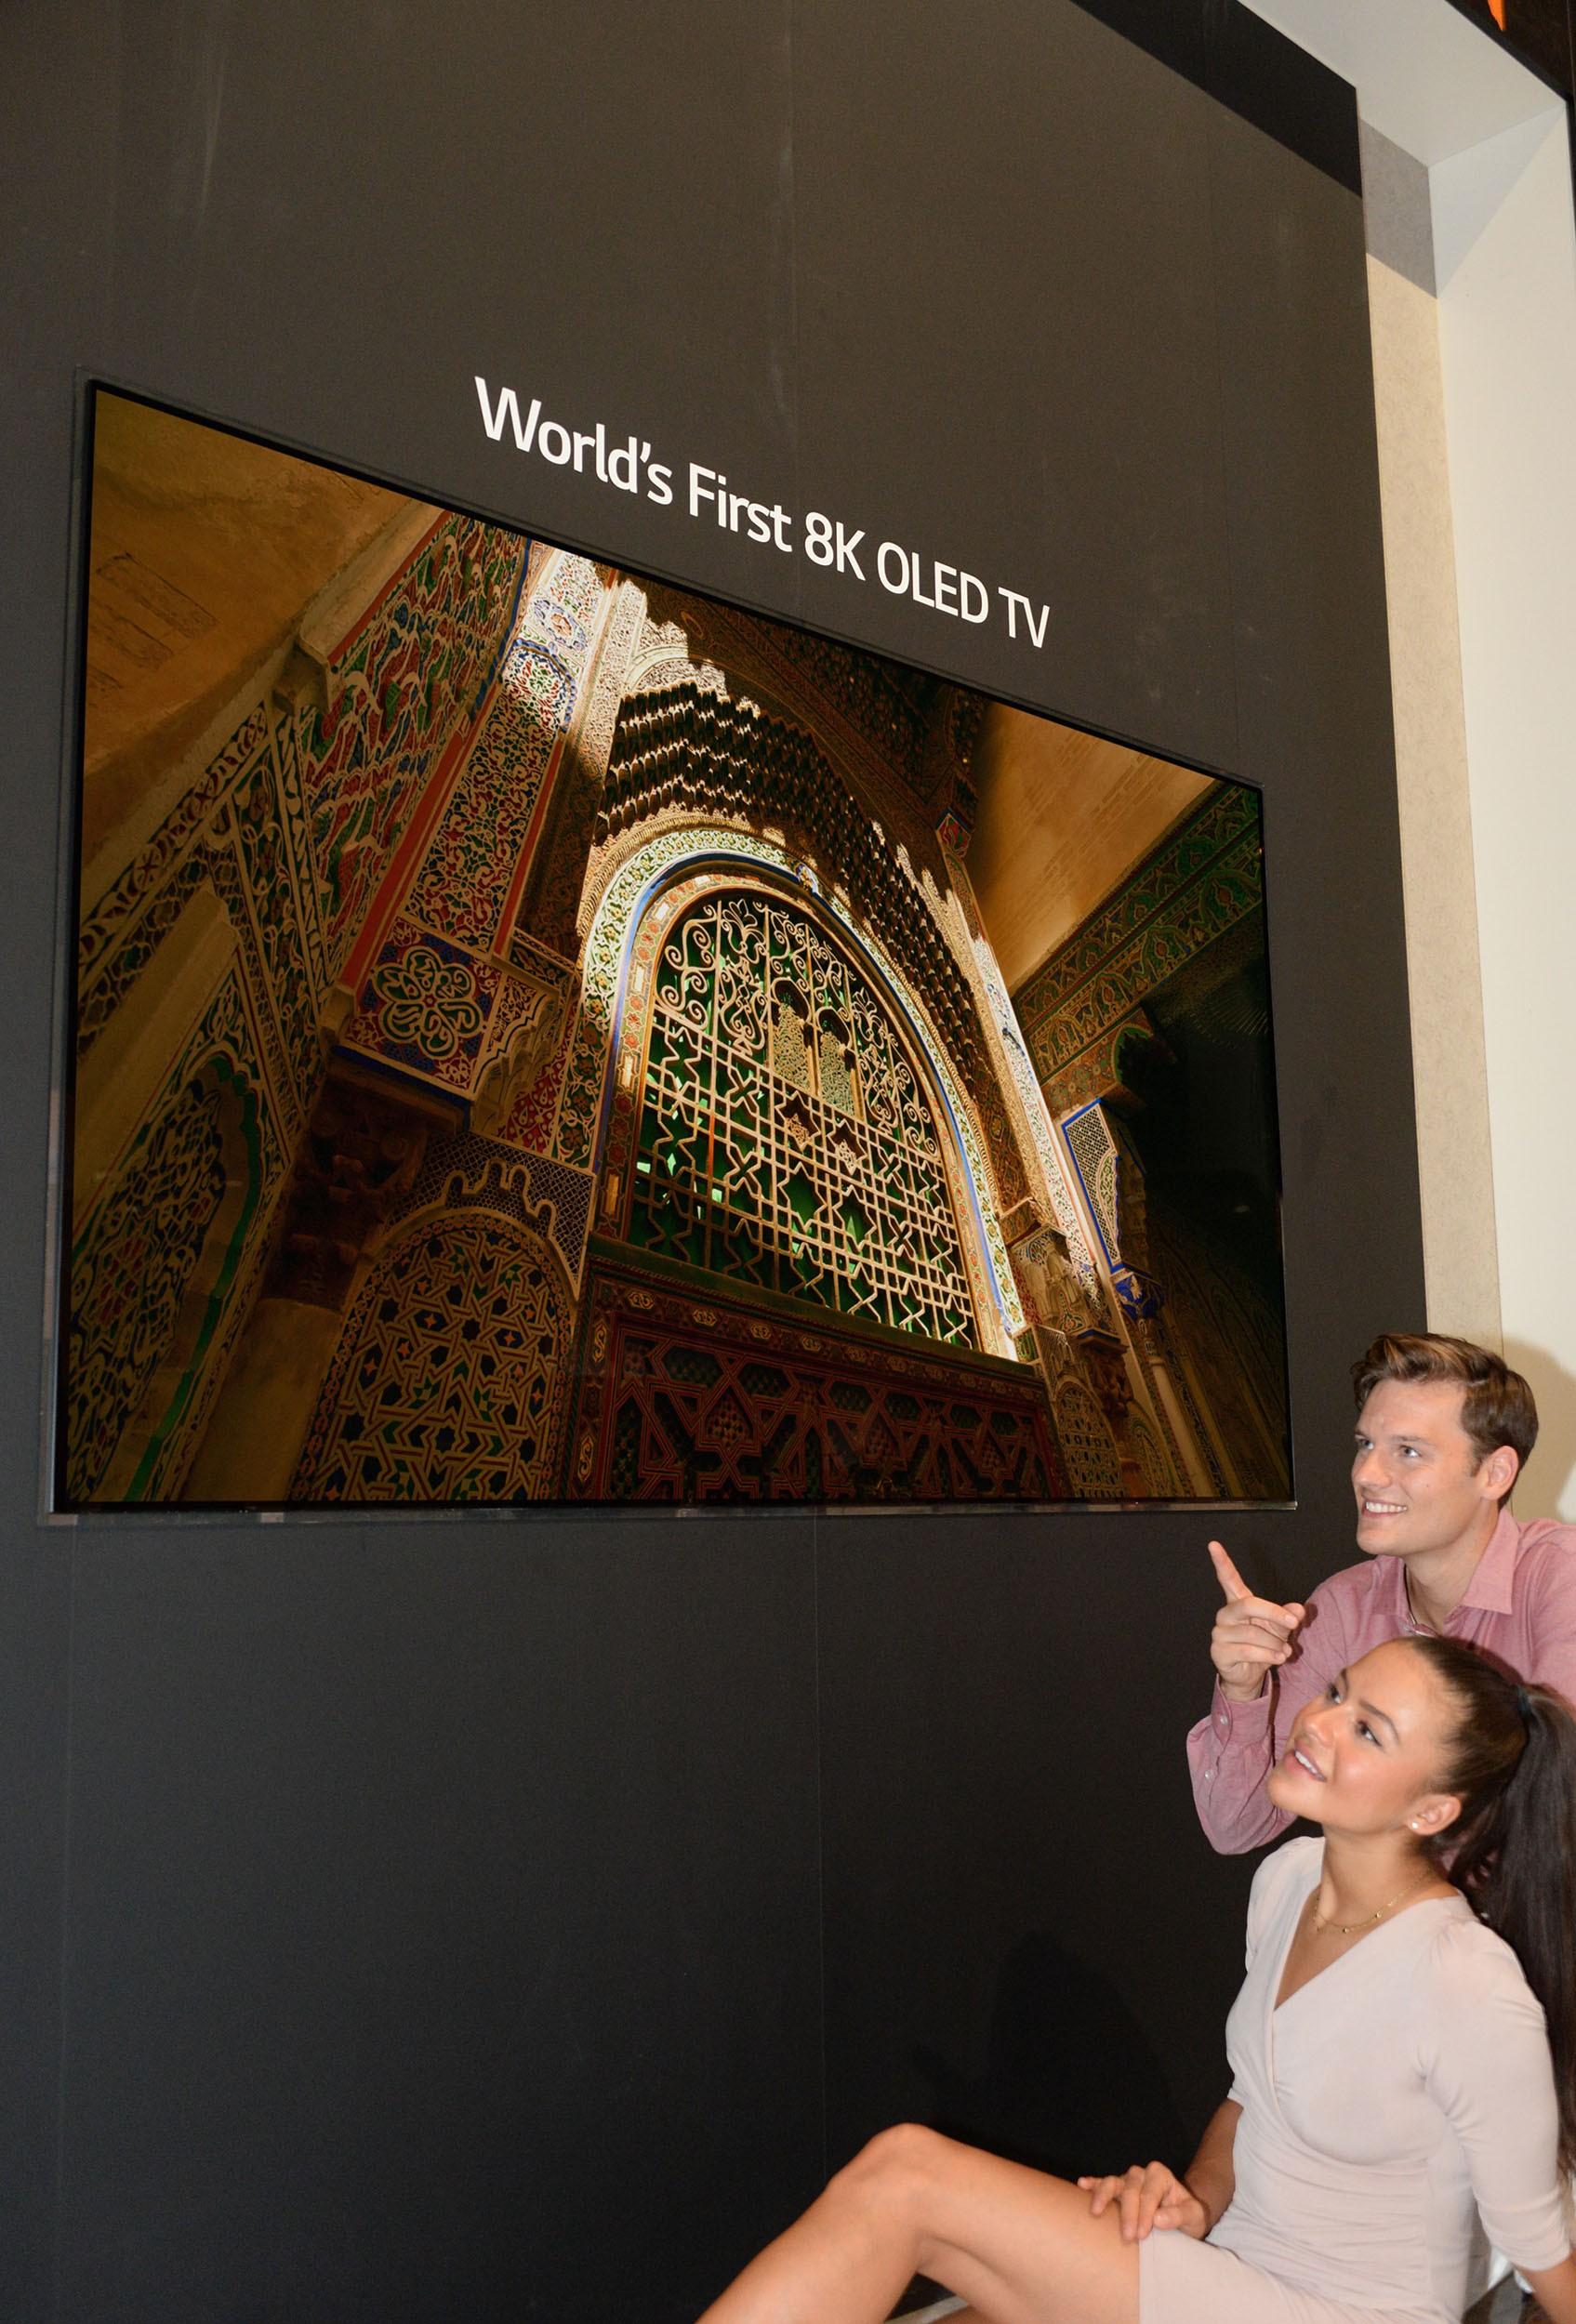 LG 8K OLED TV (2)